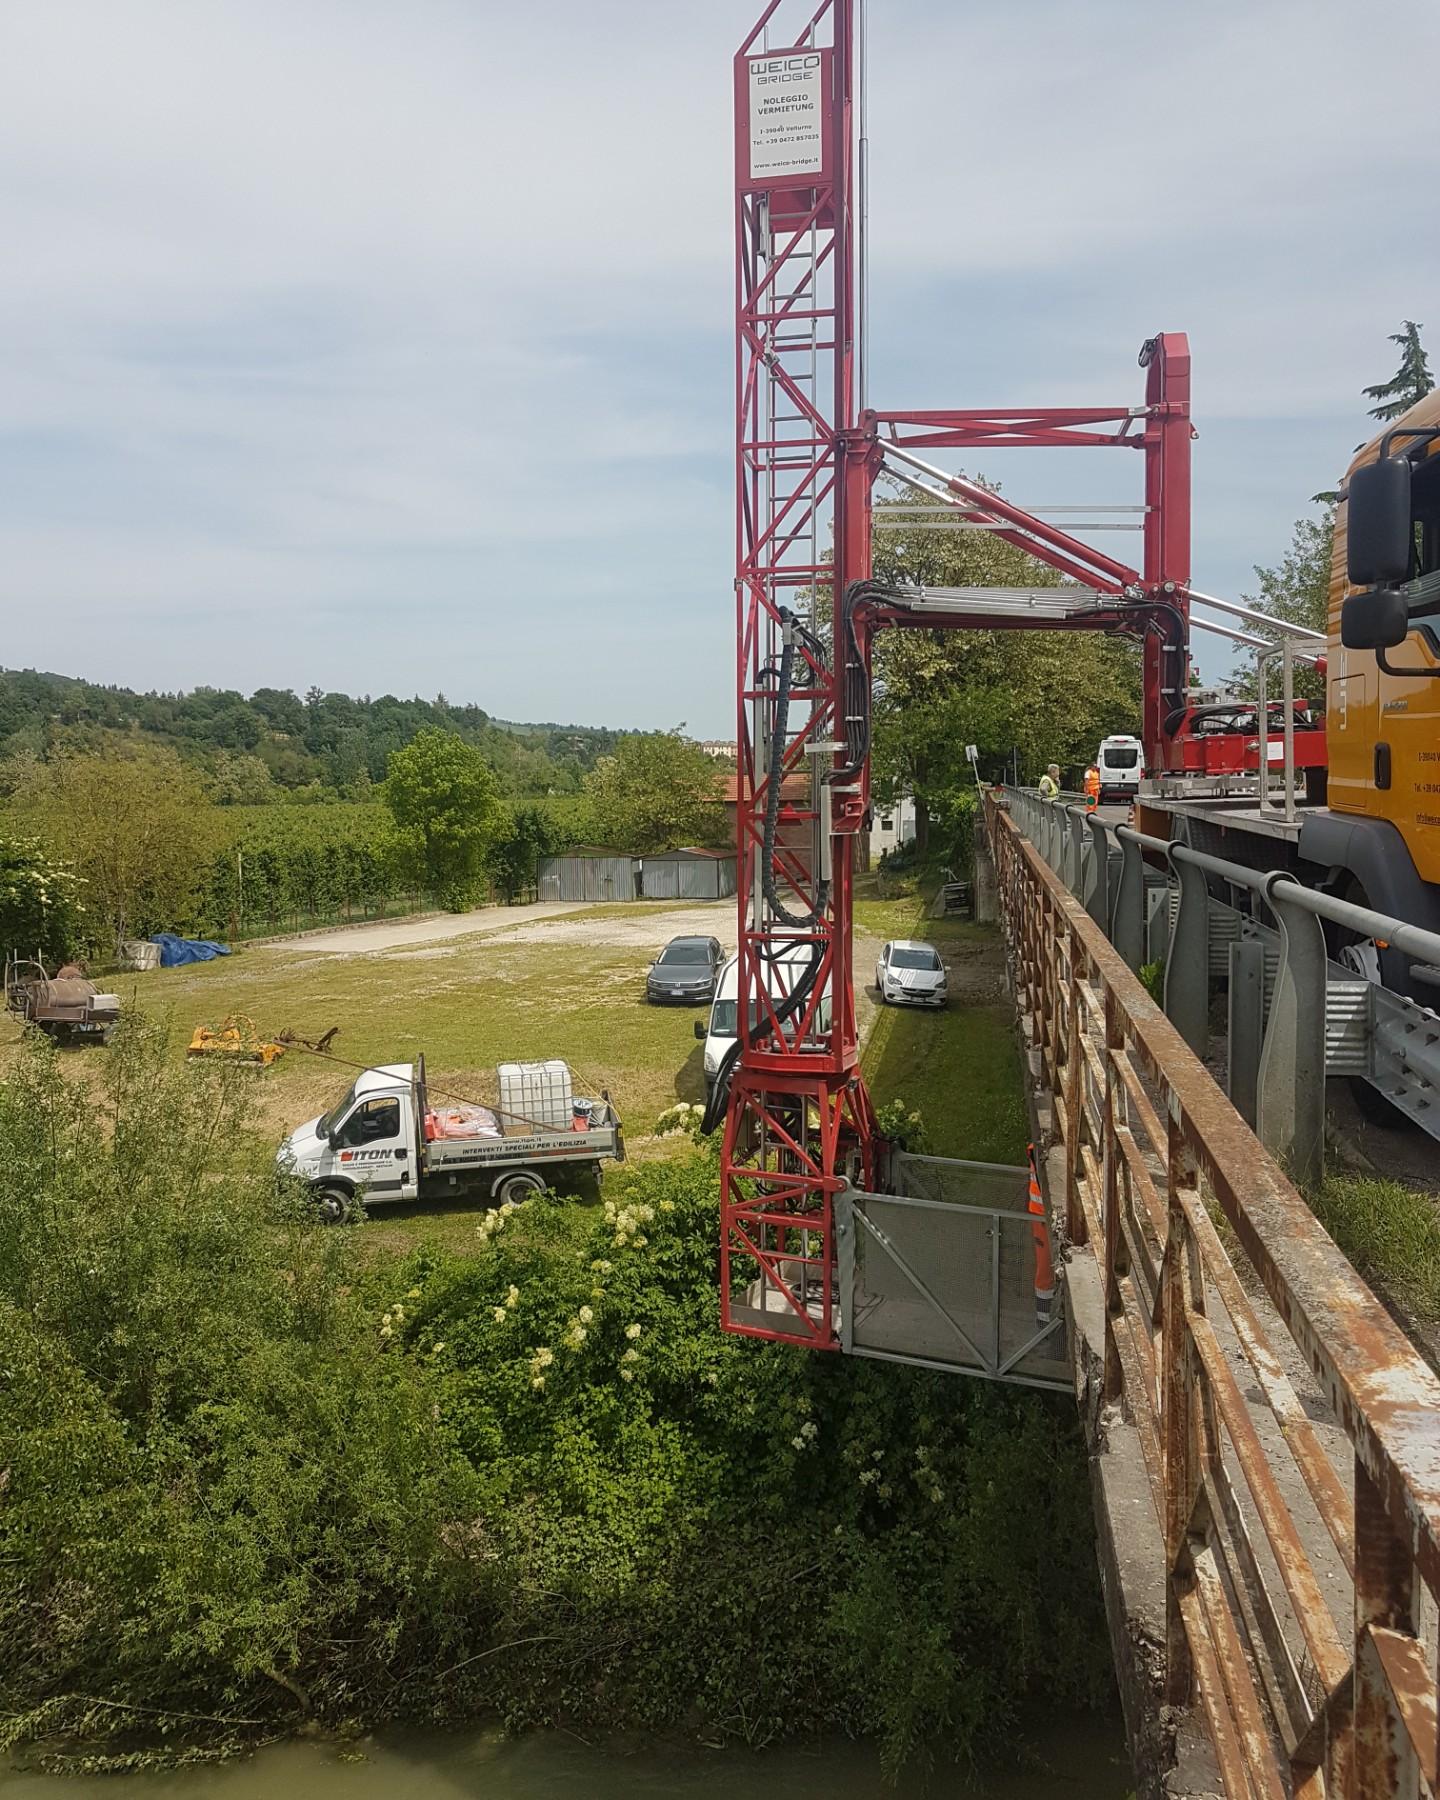 Ristrutturazione, consolidamento, lavori sul Ponte della Chiusa sul fiume Senio nel comune di Riolo Terme (RE) - ITON SRL: